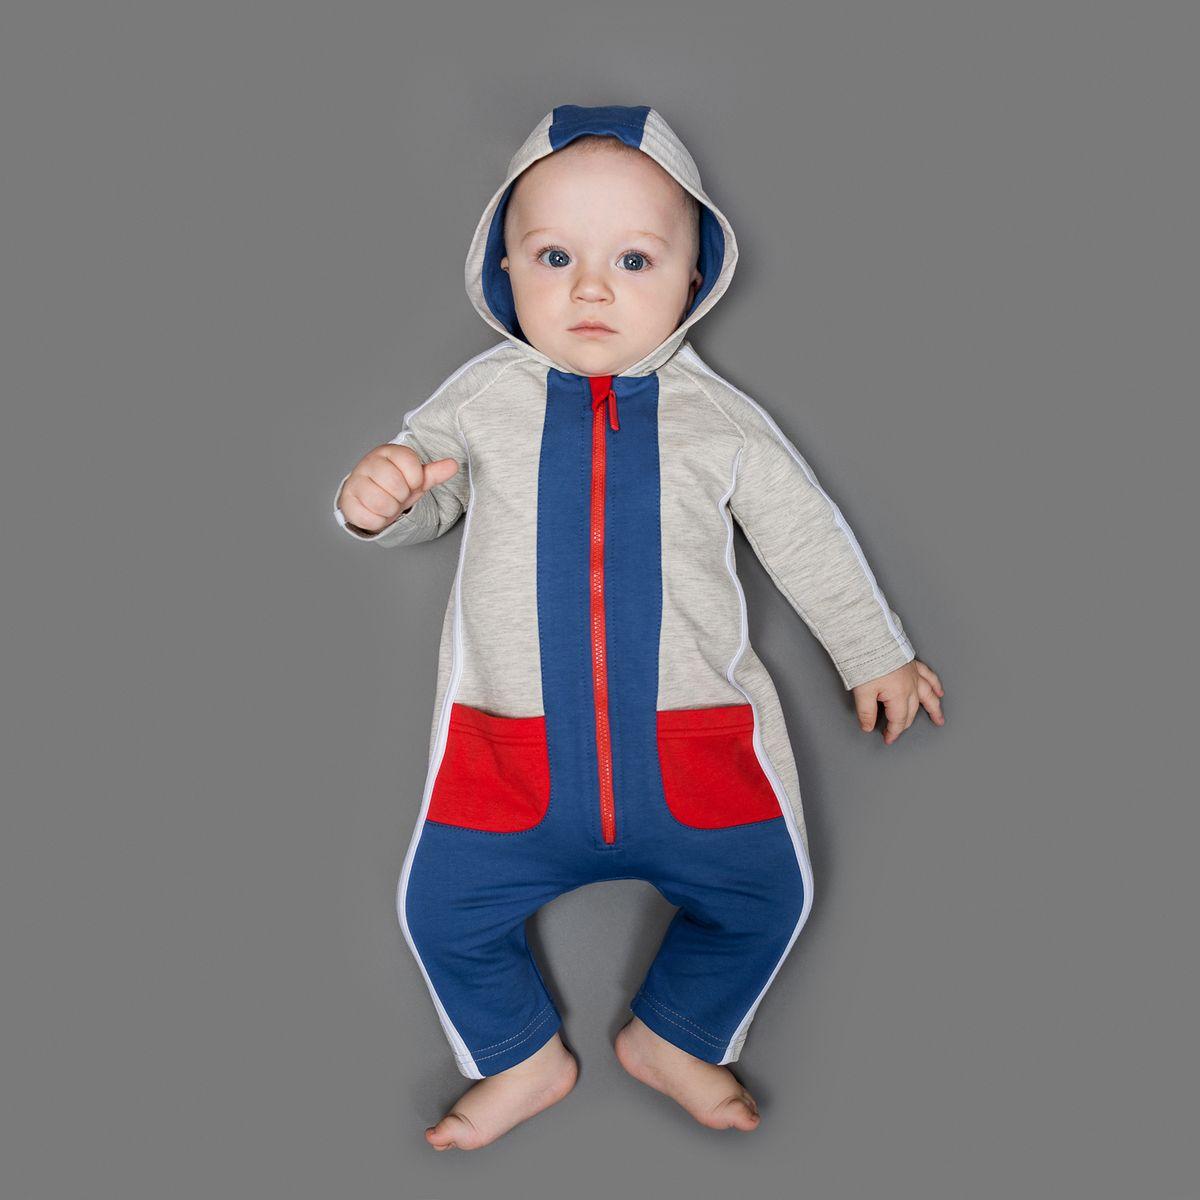 Комбинезон домашний22-520Комбинезон Ёмаё, изготовленный из футера - очень удобный и практичный вид одежды для малышей. Комбинезон с капюшоном и открытыми ножками застегивается спереди на пластиковую застежку-молнию, что помогает с легкостью переодеть ребенка. Спереди и сзади модель дополнена двумя накладными кармашками. Оформлено изделие контрастной отделкой. Комбинезон полностью соответствует особенностям жизни младенца в ранний период, не стесняя и не ограничивая его в движениях!